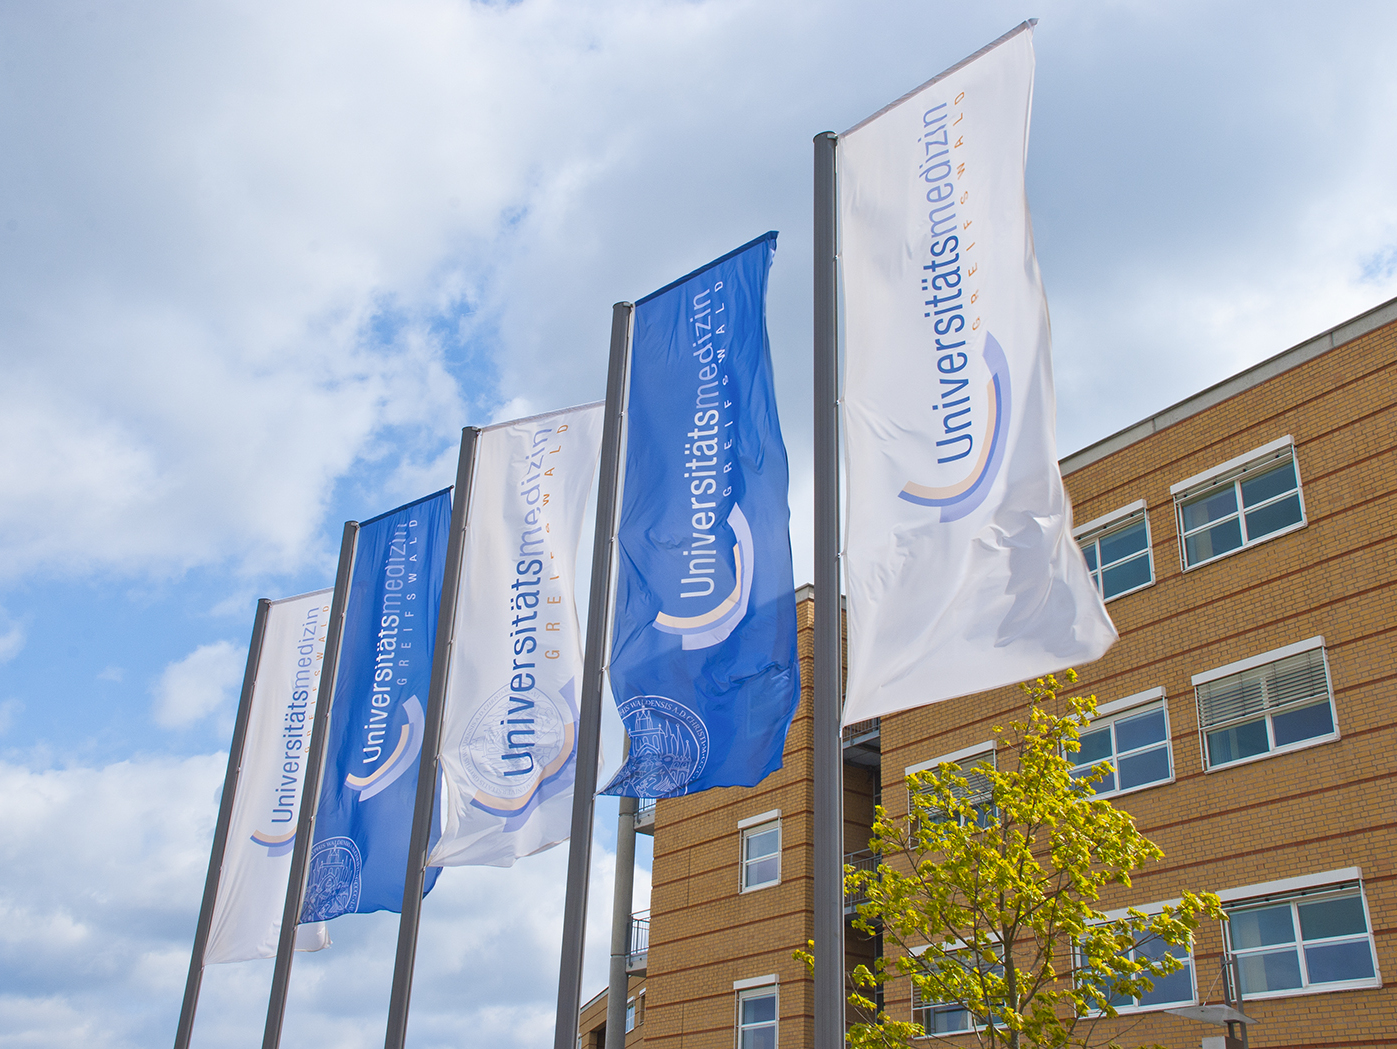 Universitätsmedizin Greifswald erneut mit ausgeglichenem Haushalt – Aufsichtsrat beschließt Jahresabschluss 2019 und entlastet Vorstand einstimmig - Universität Greifswald